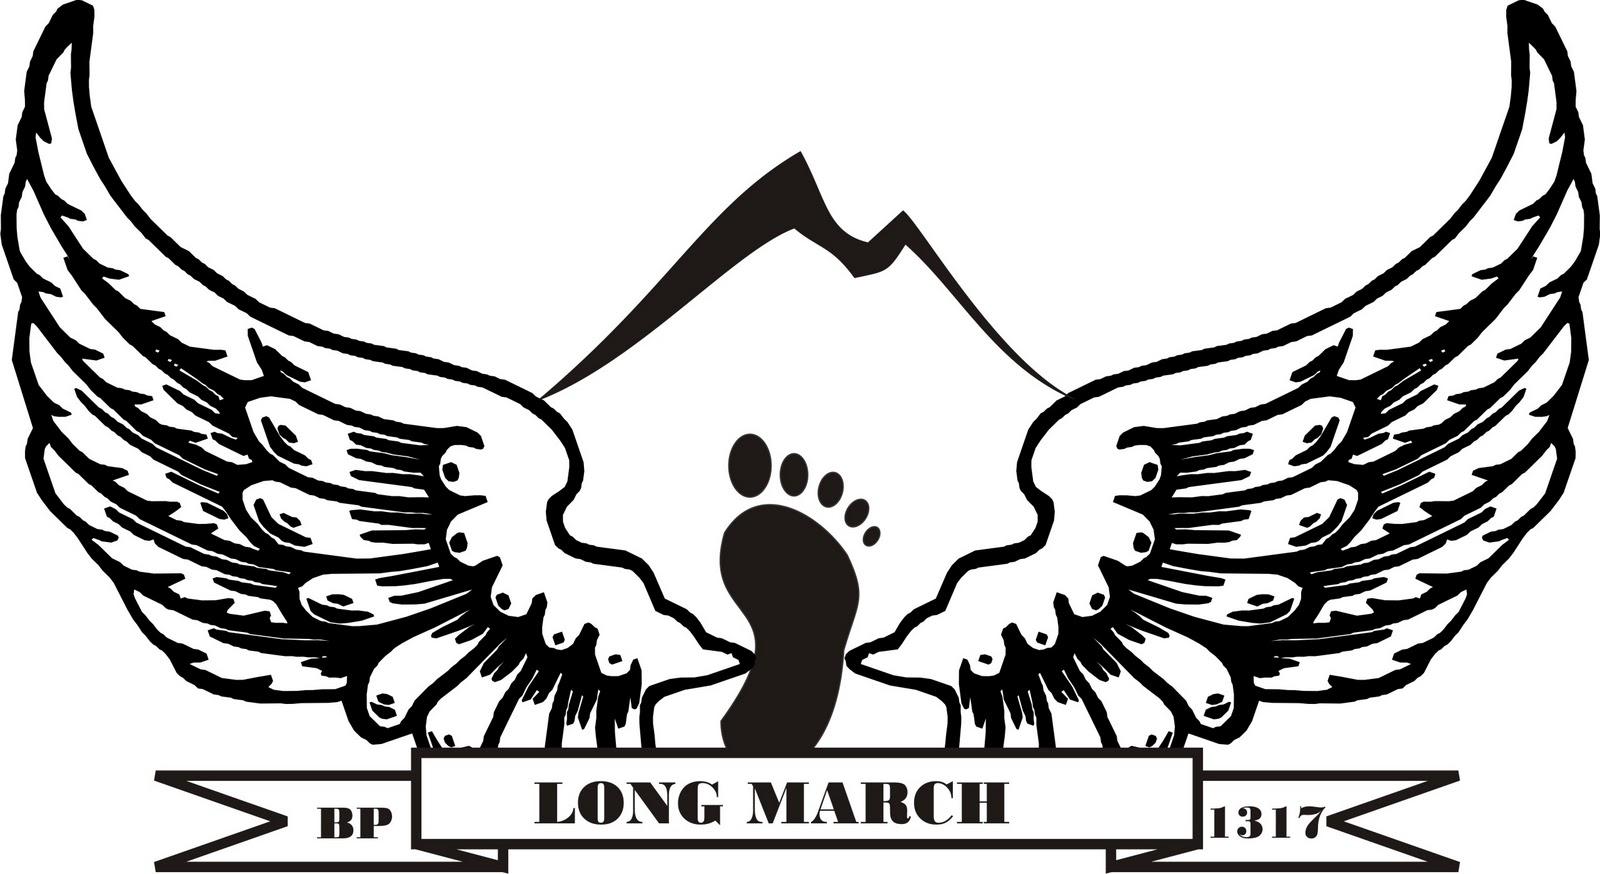 Brigade Penolong 1317: rancangan desain persiapan LONG MARCH